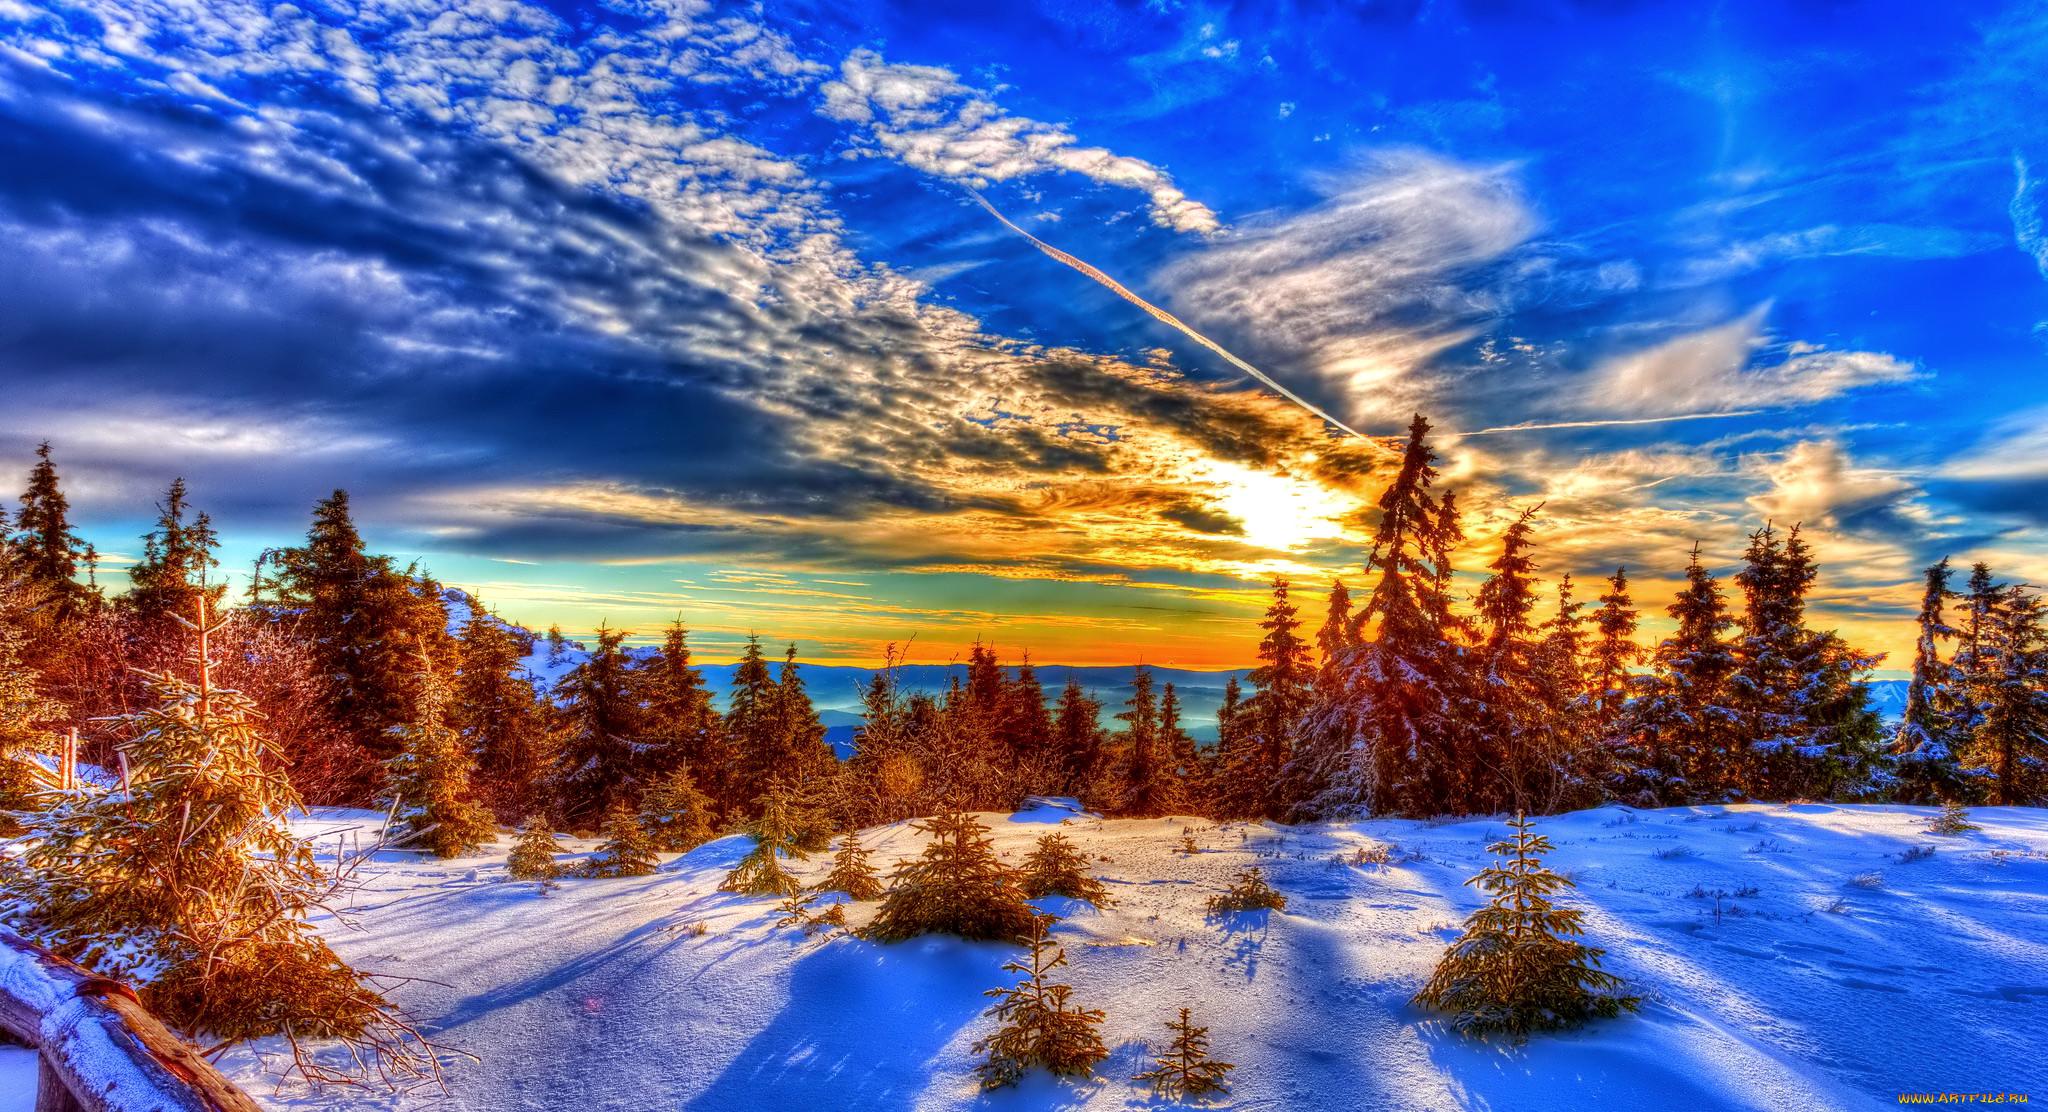 картинки на рабочий стол красота зима большие объяснил